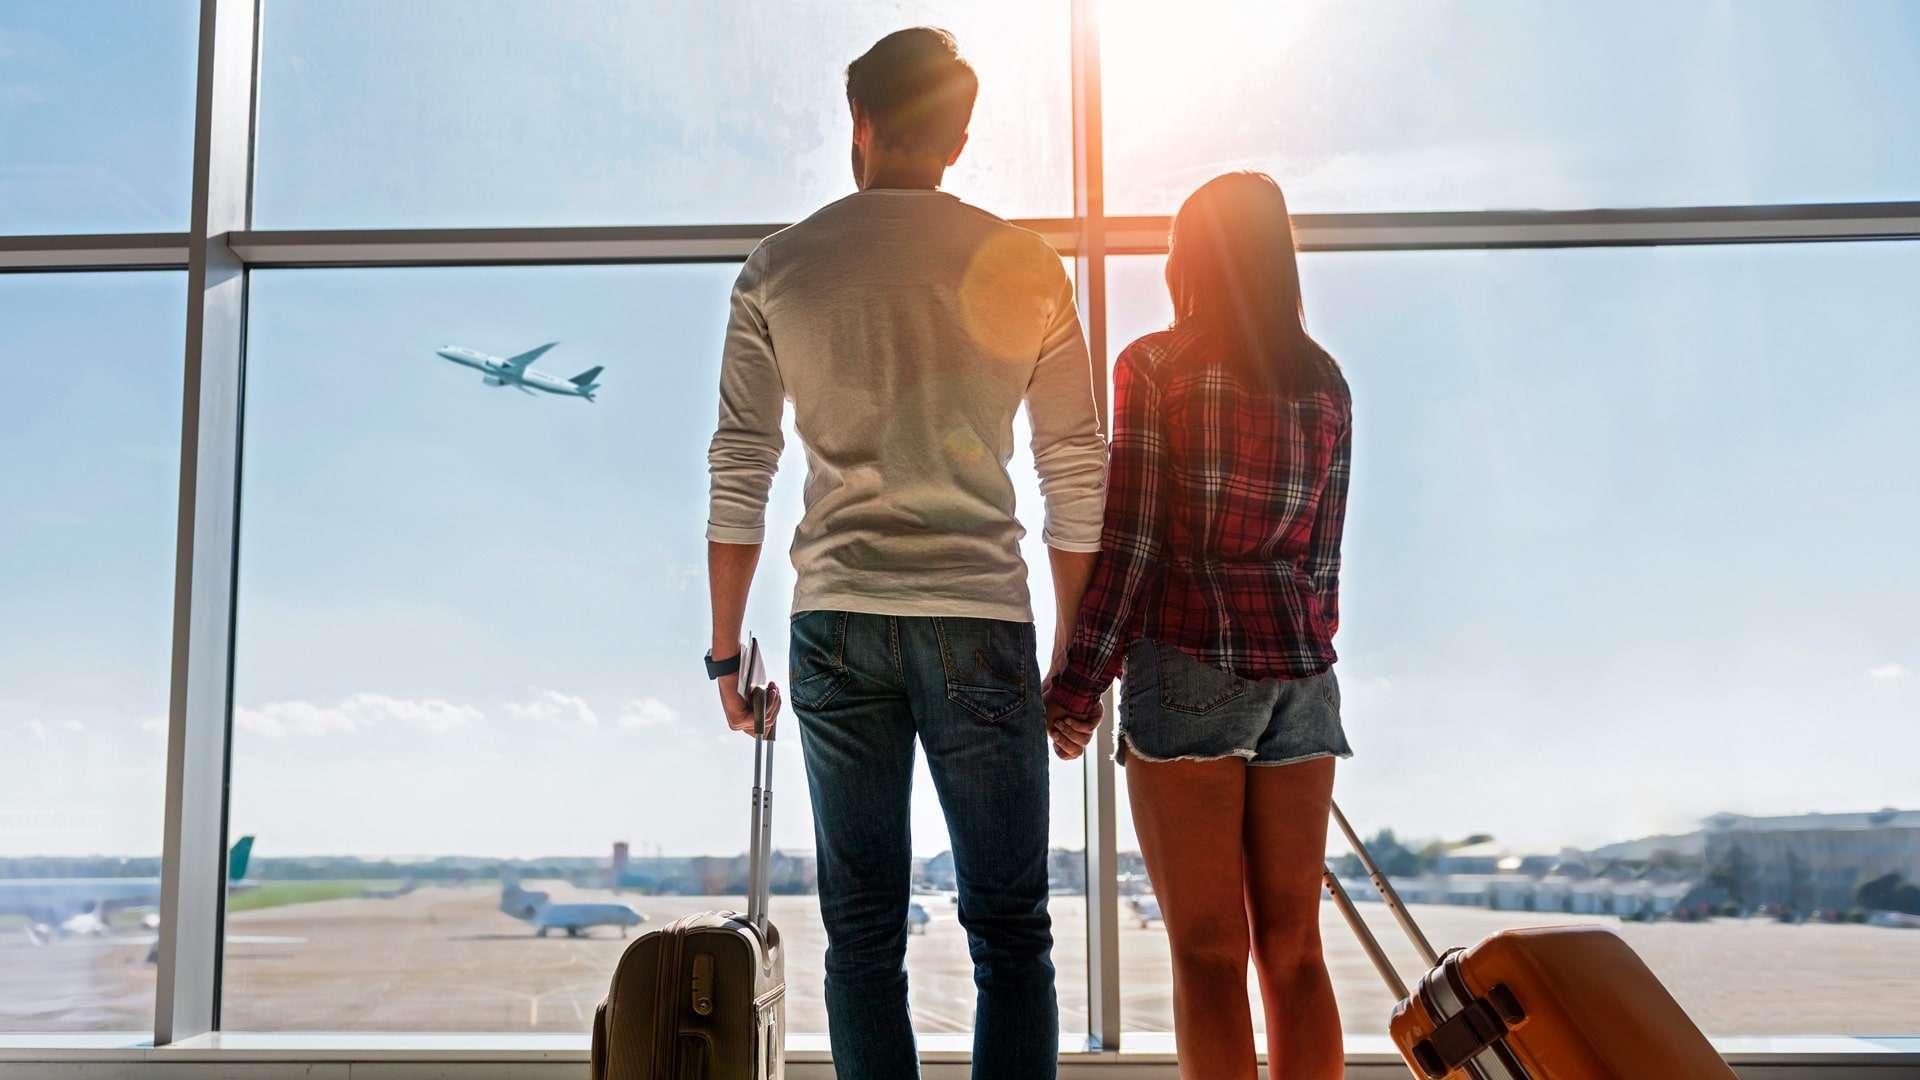 Puerto Vallarta International Airport Arrivals